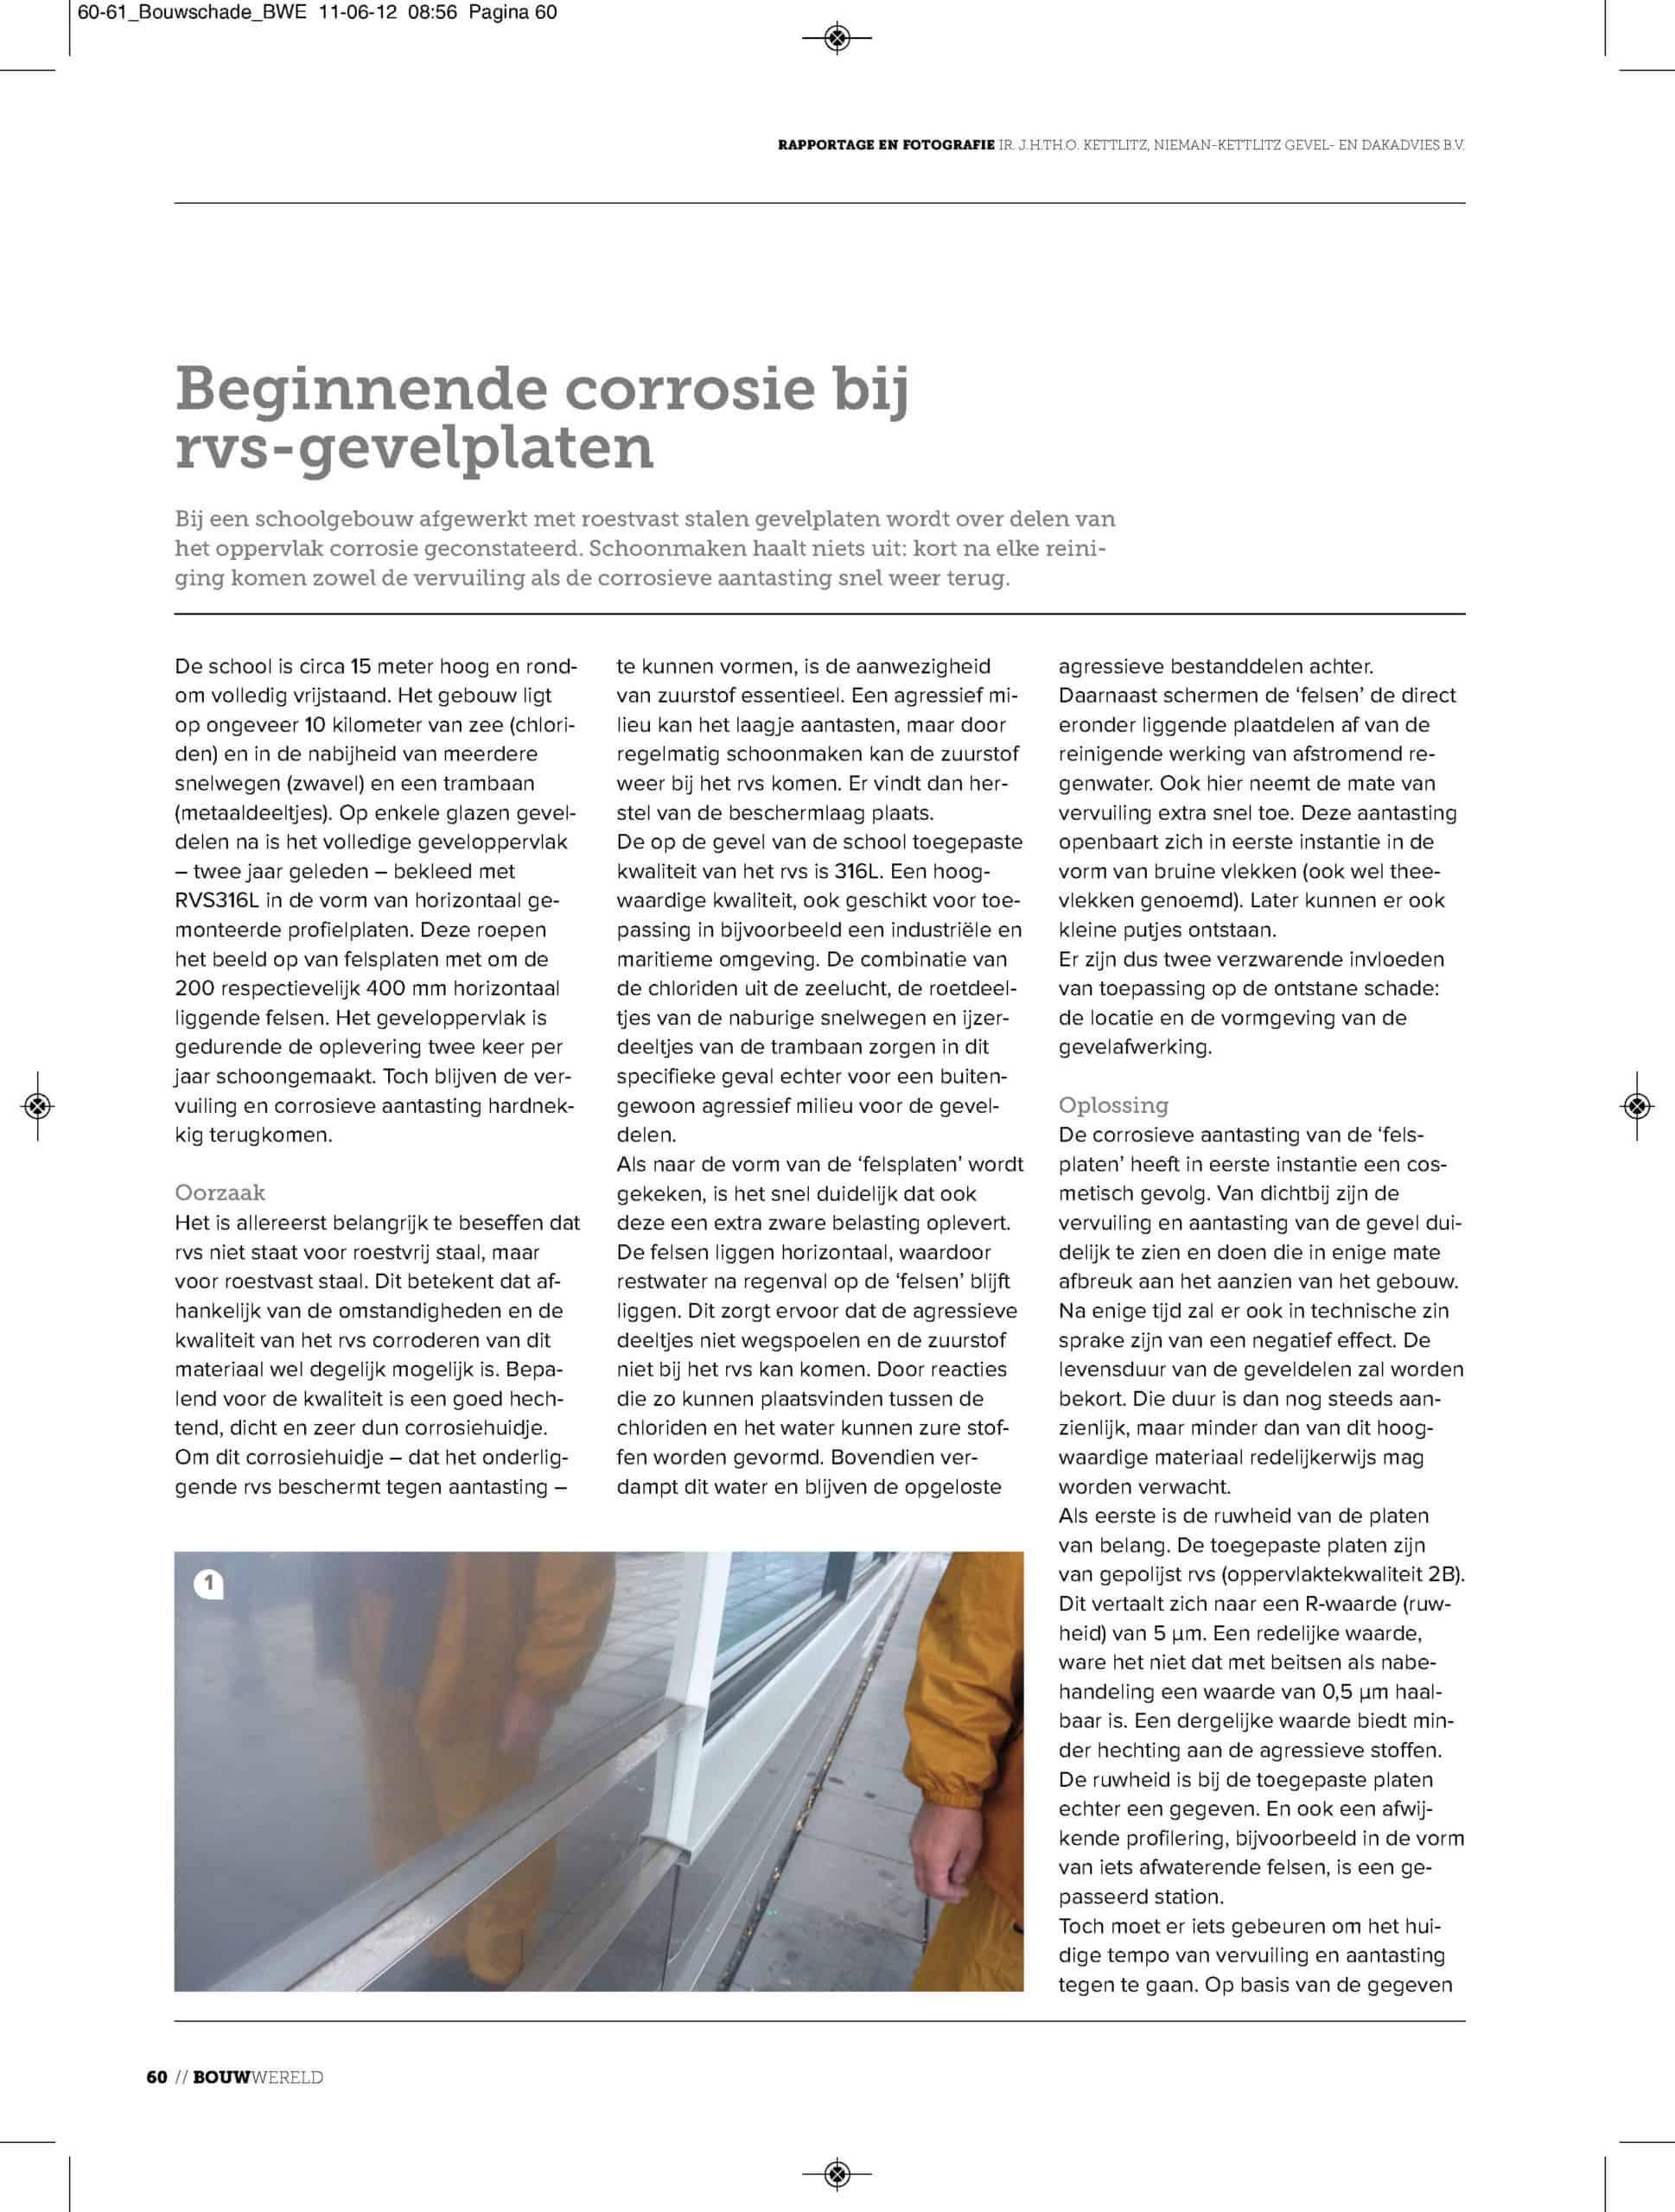 Bouwwereld-2012-06_Beginnende-corrosie-bij-rvs-gevelplaten_1-3-scaled